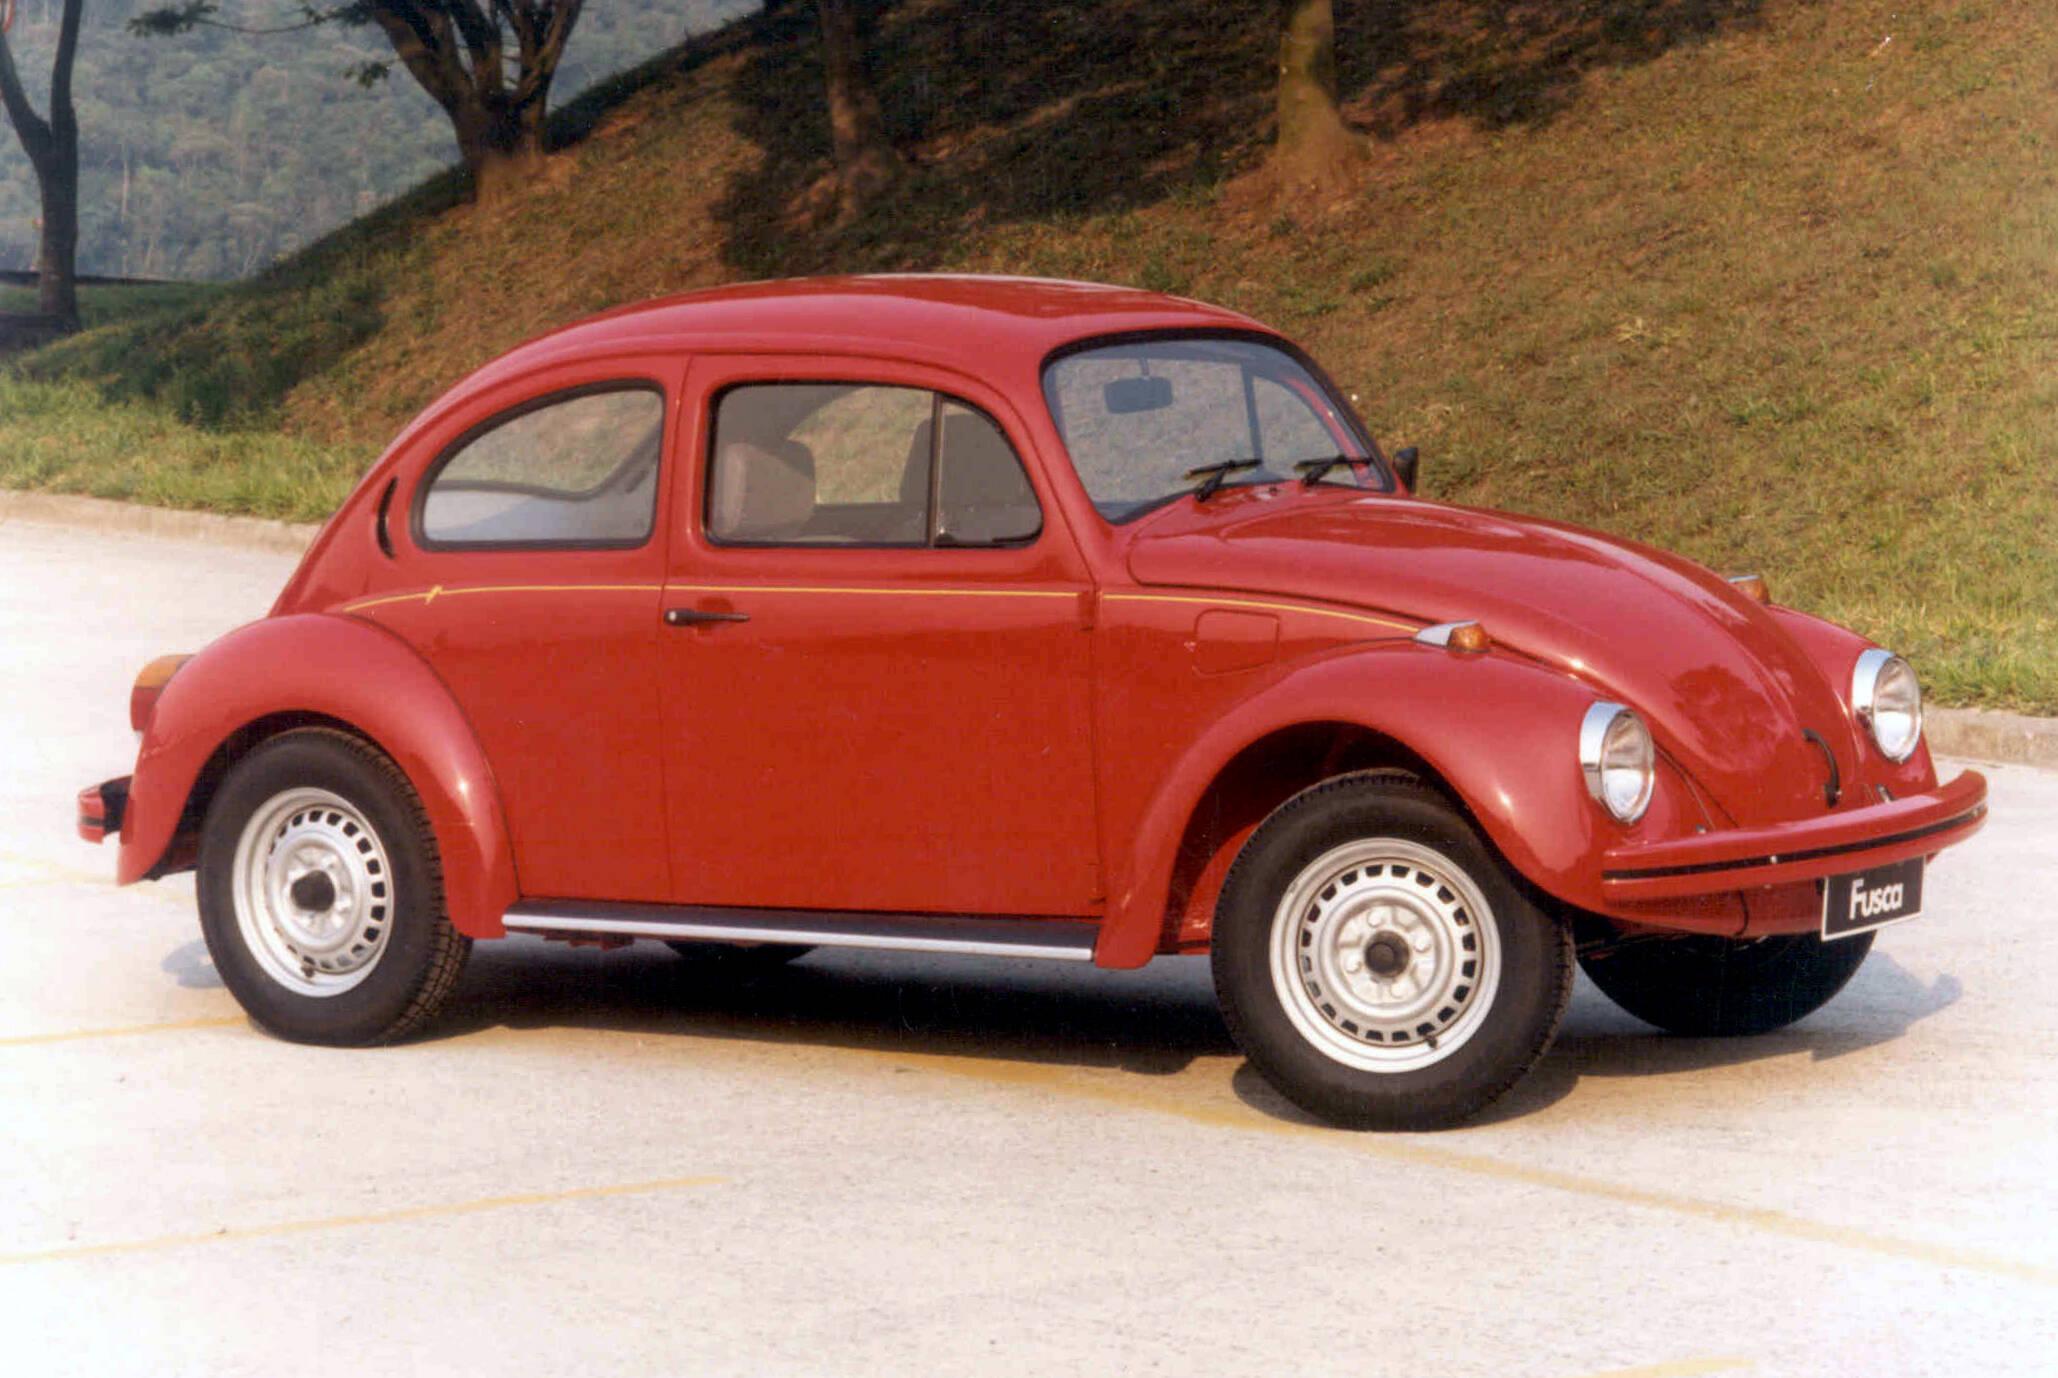 VW Fusca de 1995, antes de deixar de ser feito definitivamente, no ano seguinte. Foto: Divulgação